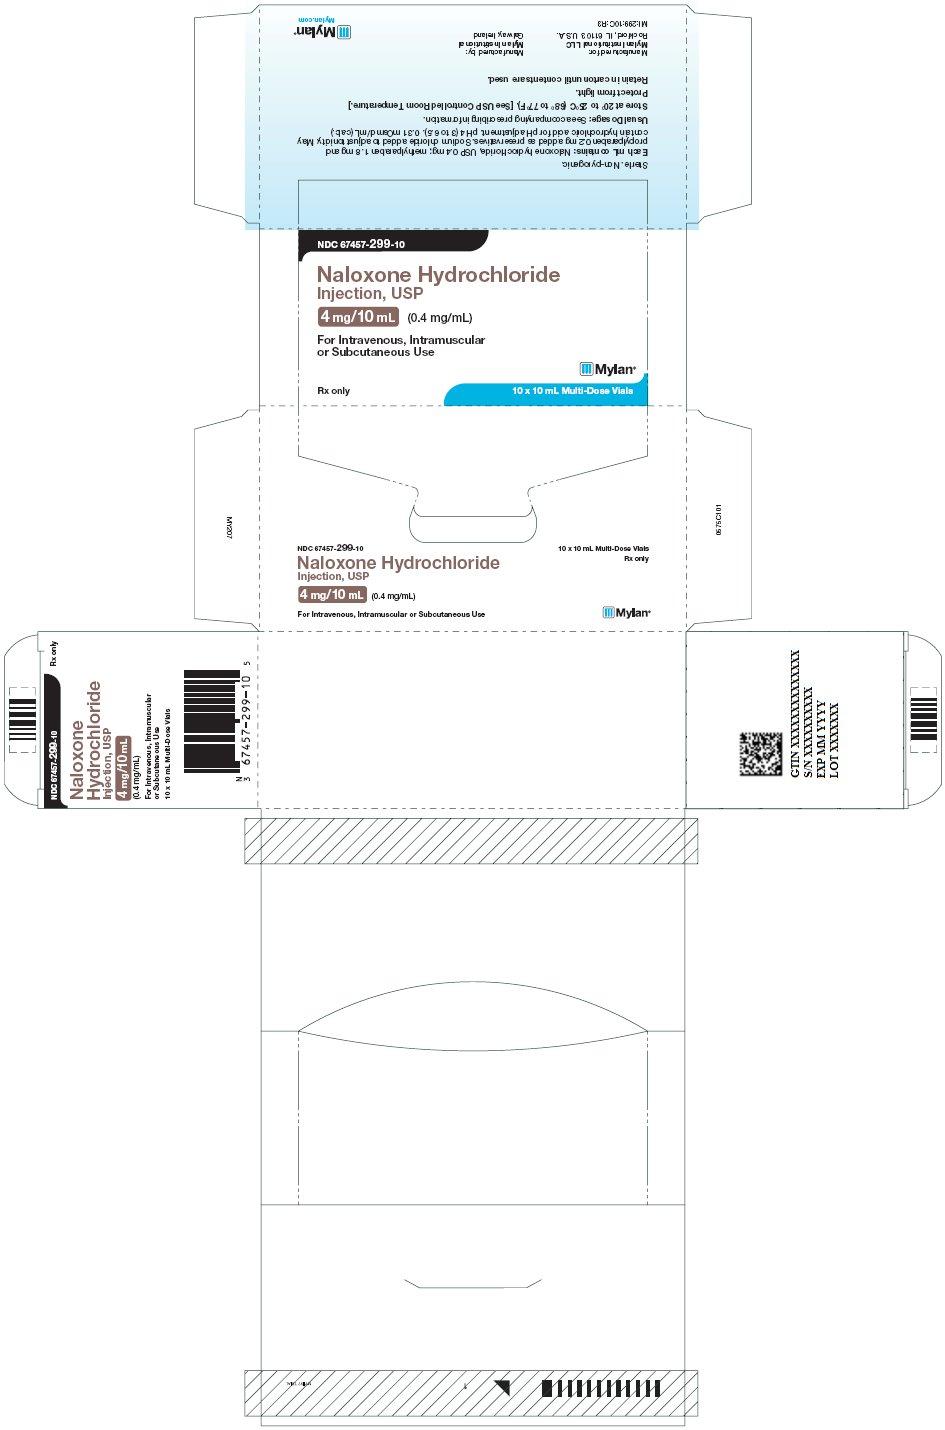 Naloxone Hydrochloride Injection 4 mg/10 mL Carton Label